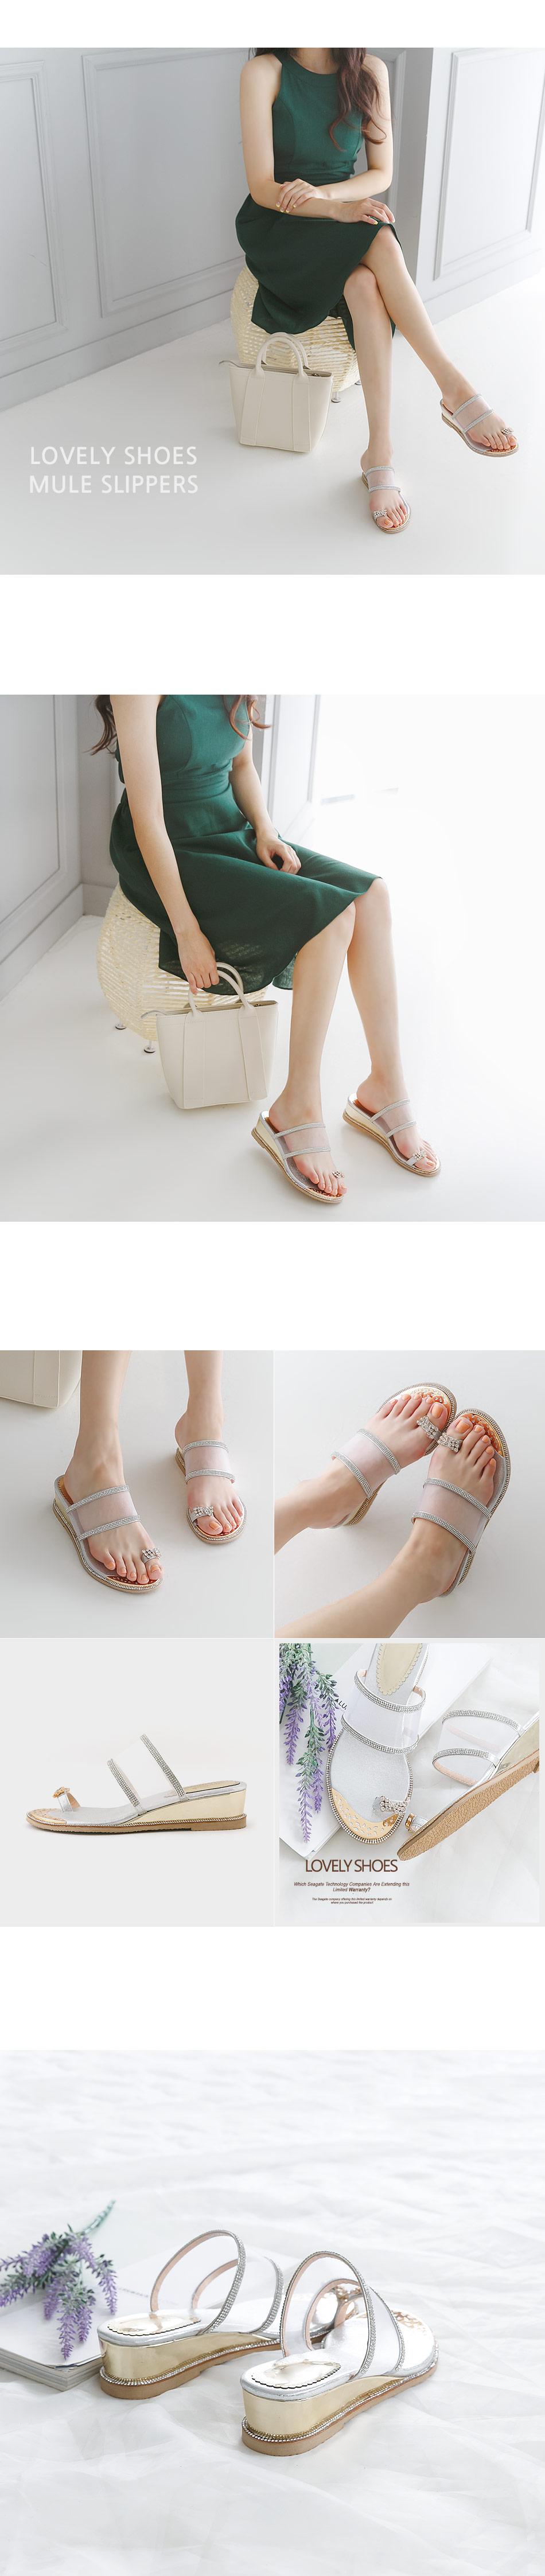 Els Wedge Mule Slippers 4cm